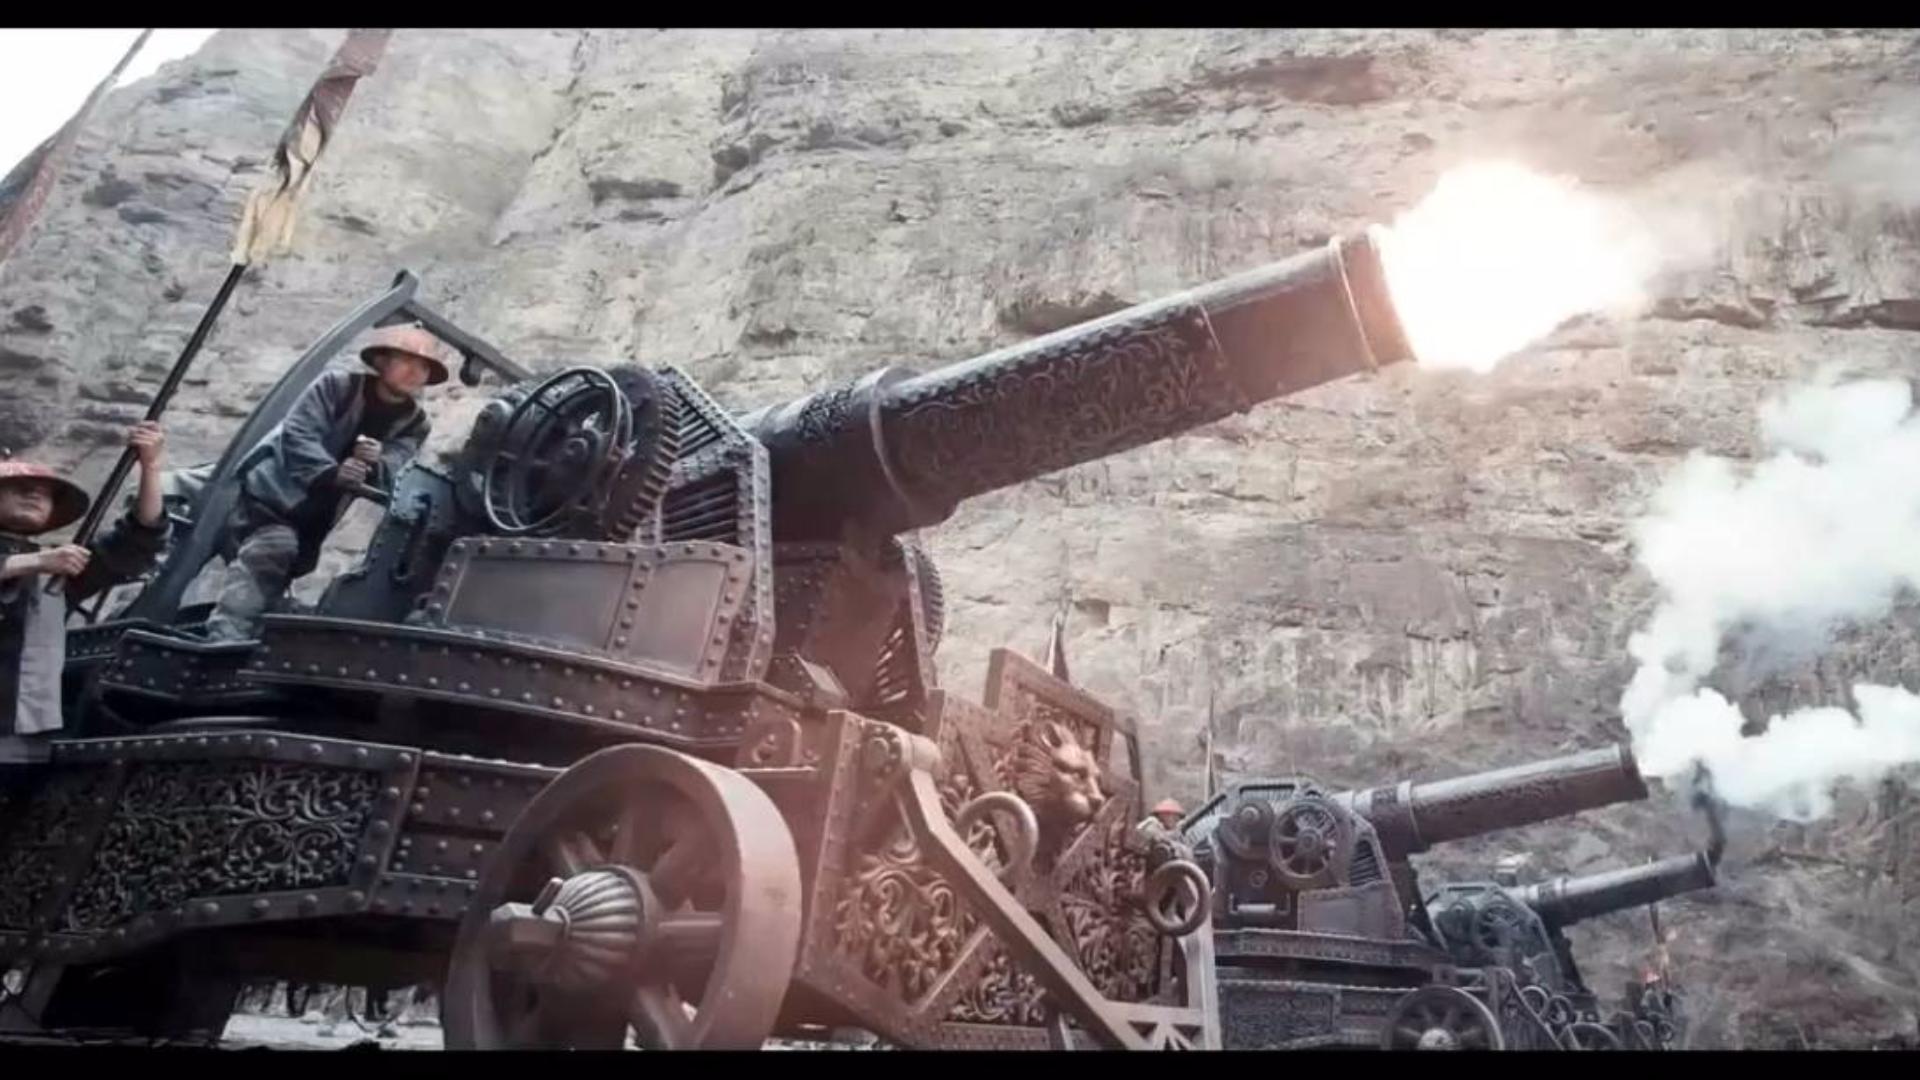 【影视合集】大清朝这毁天灭地的重炮火力,到底是怎么输给英国的?